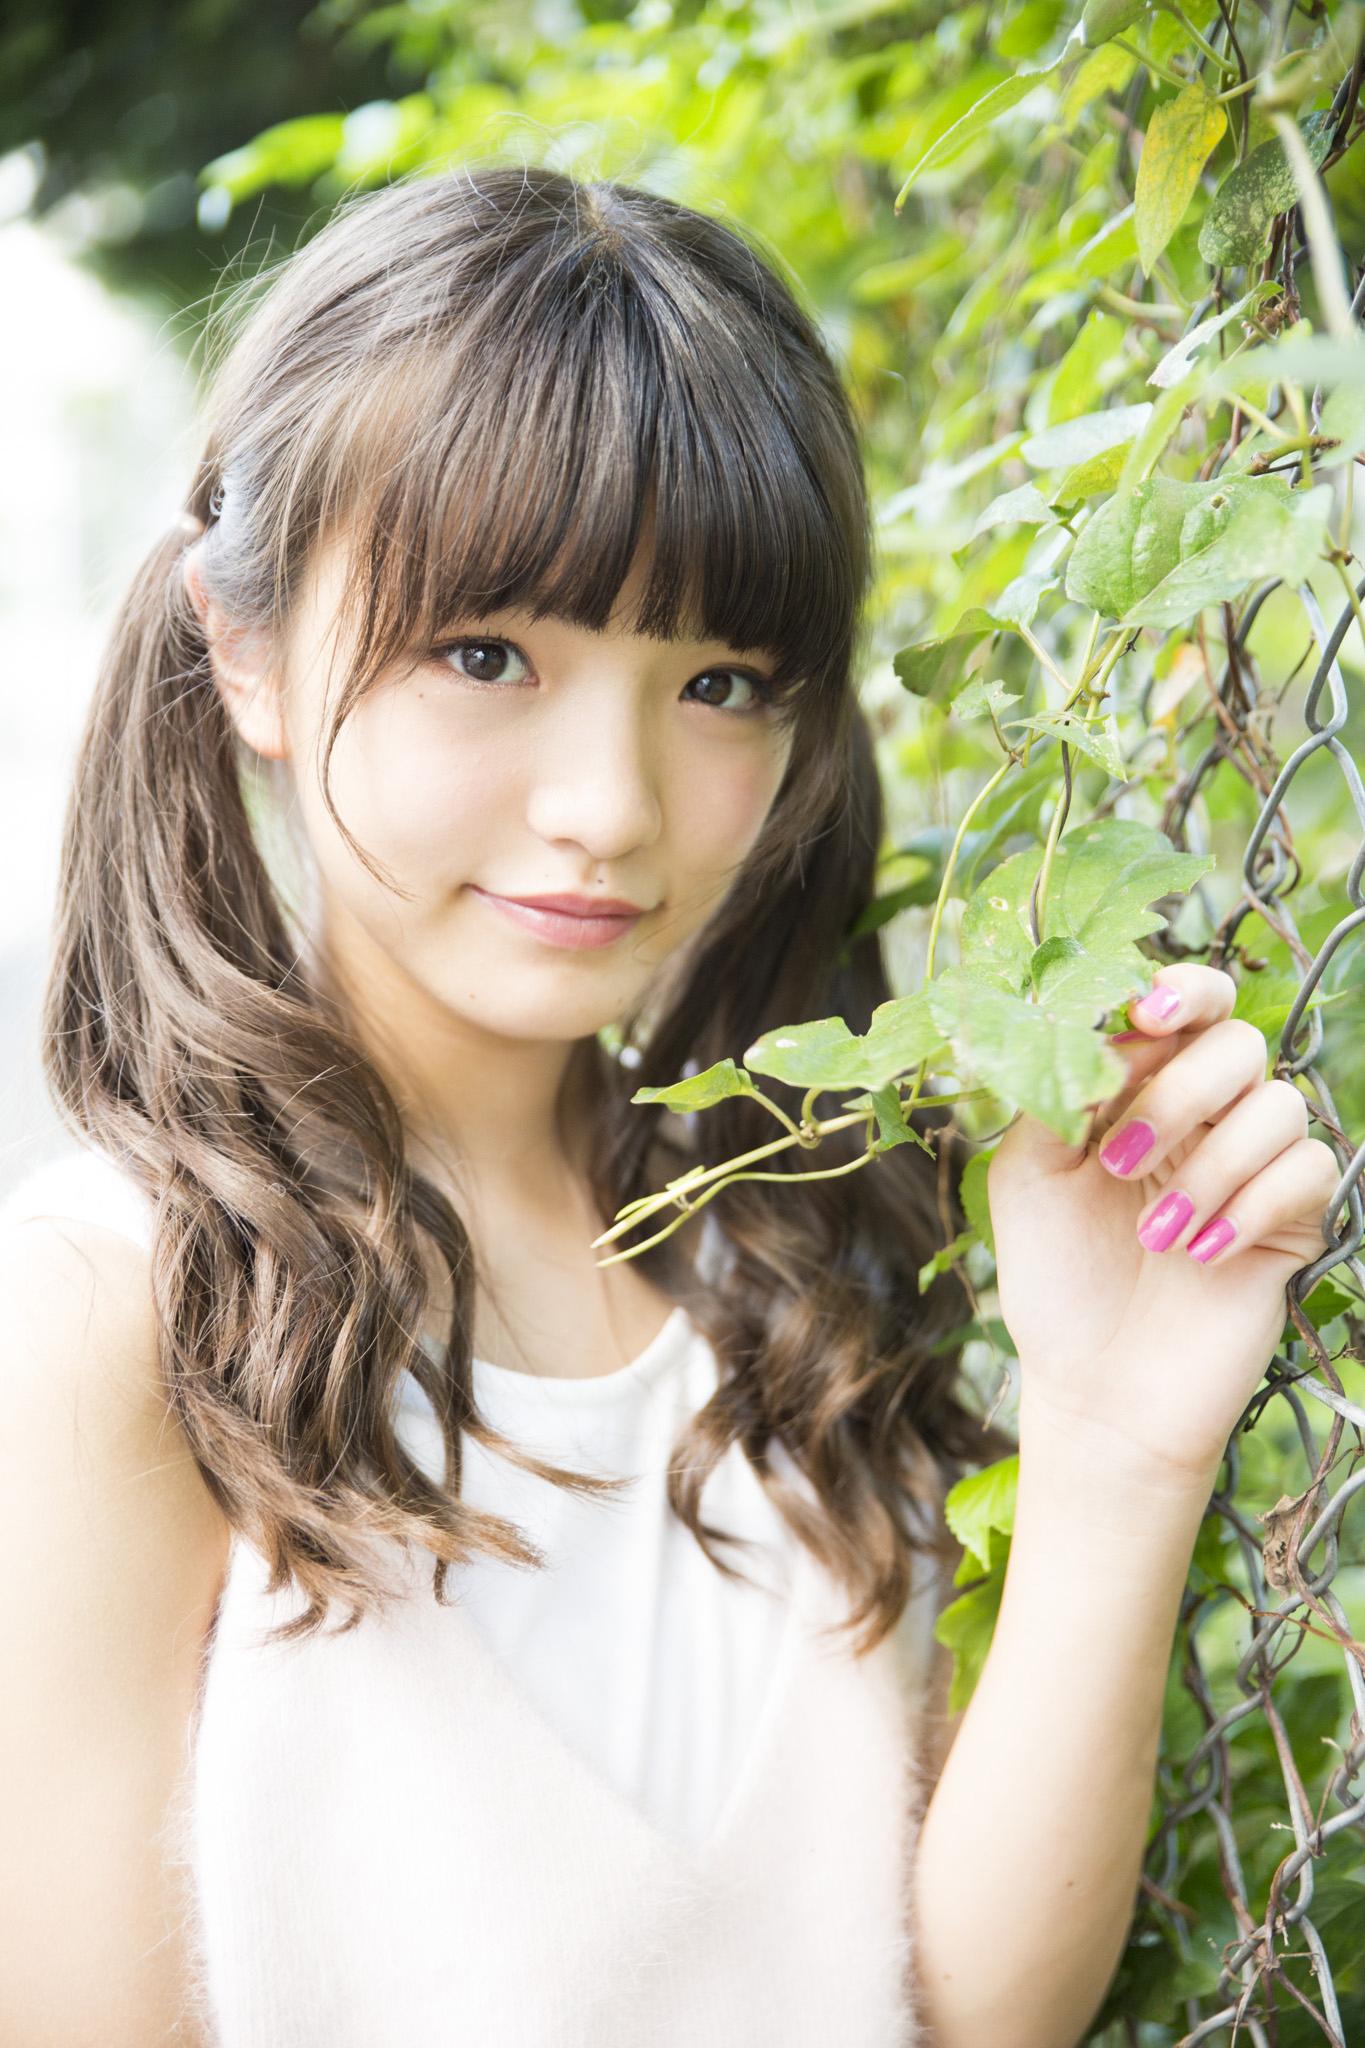 20160928_iwasakiharuka5_photo_toukou